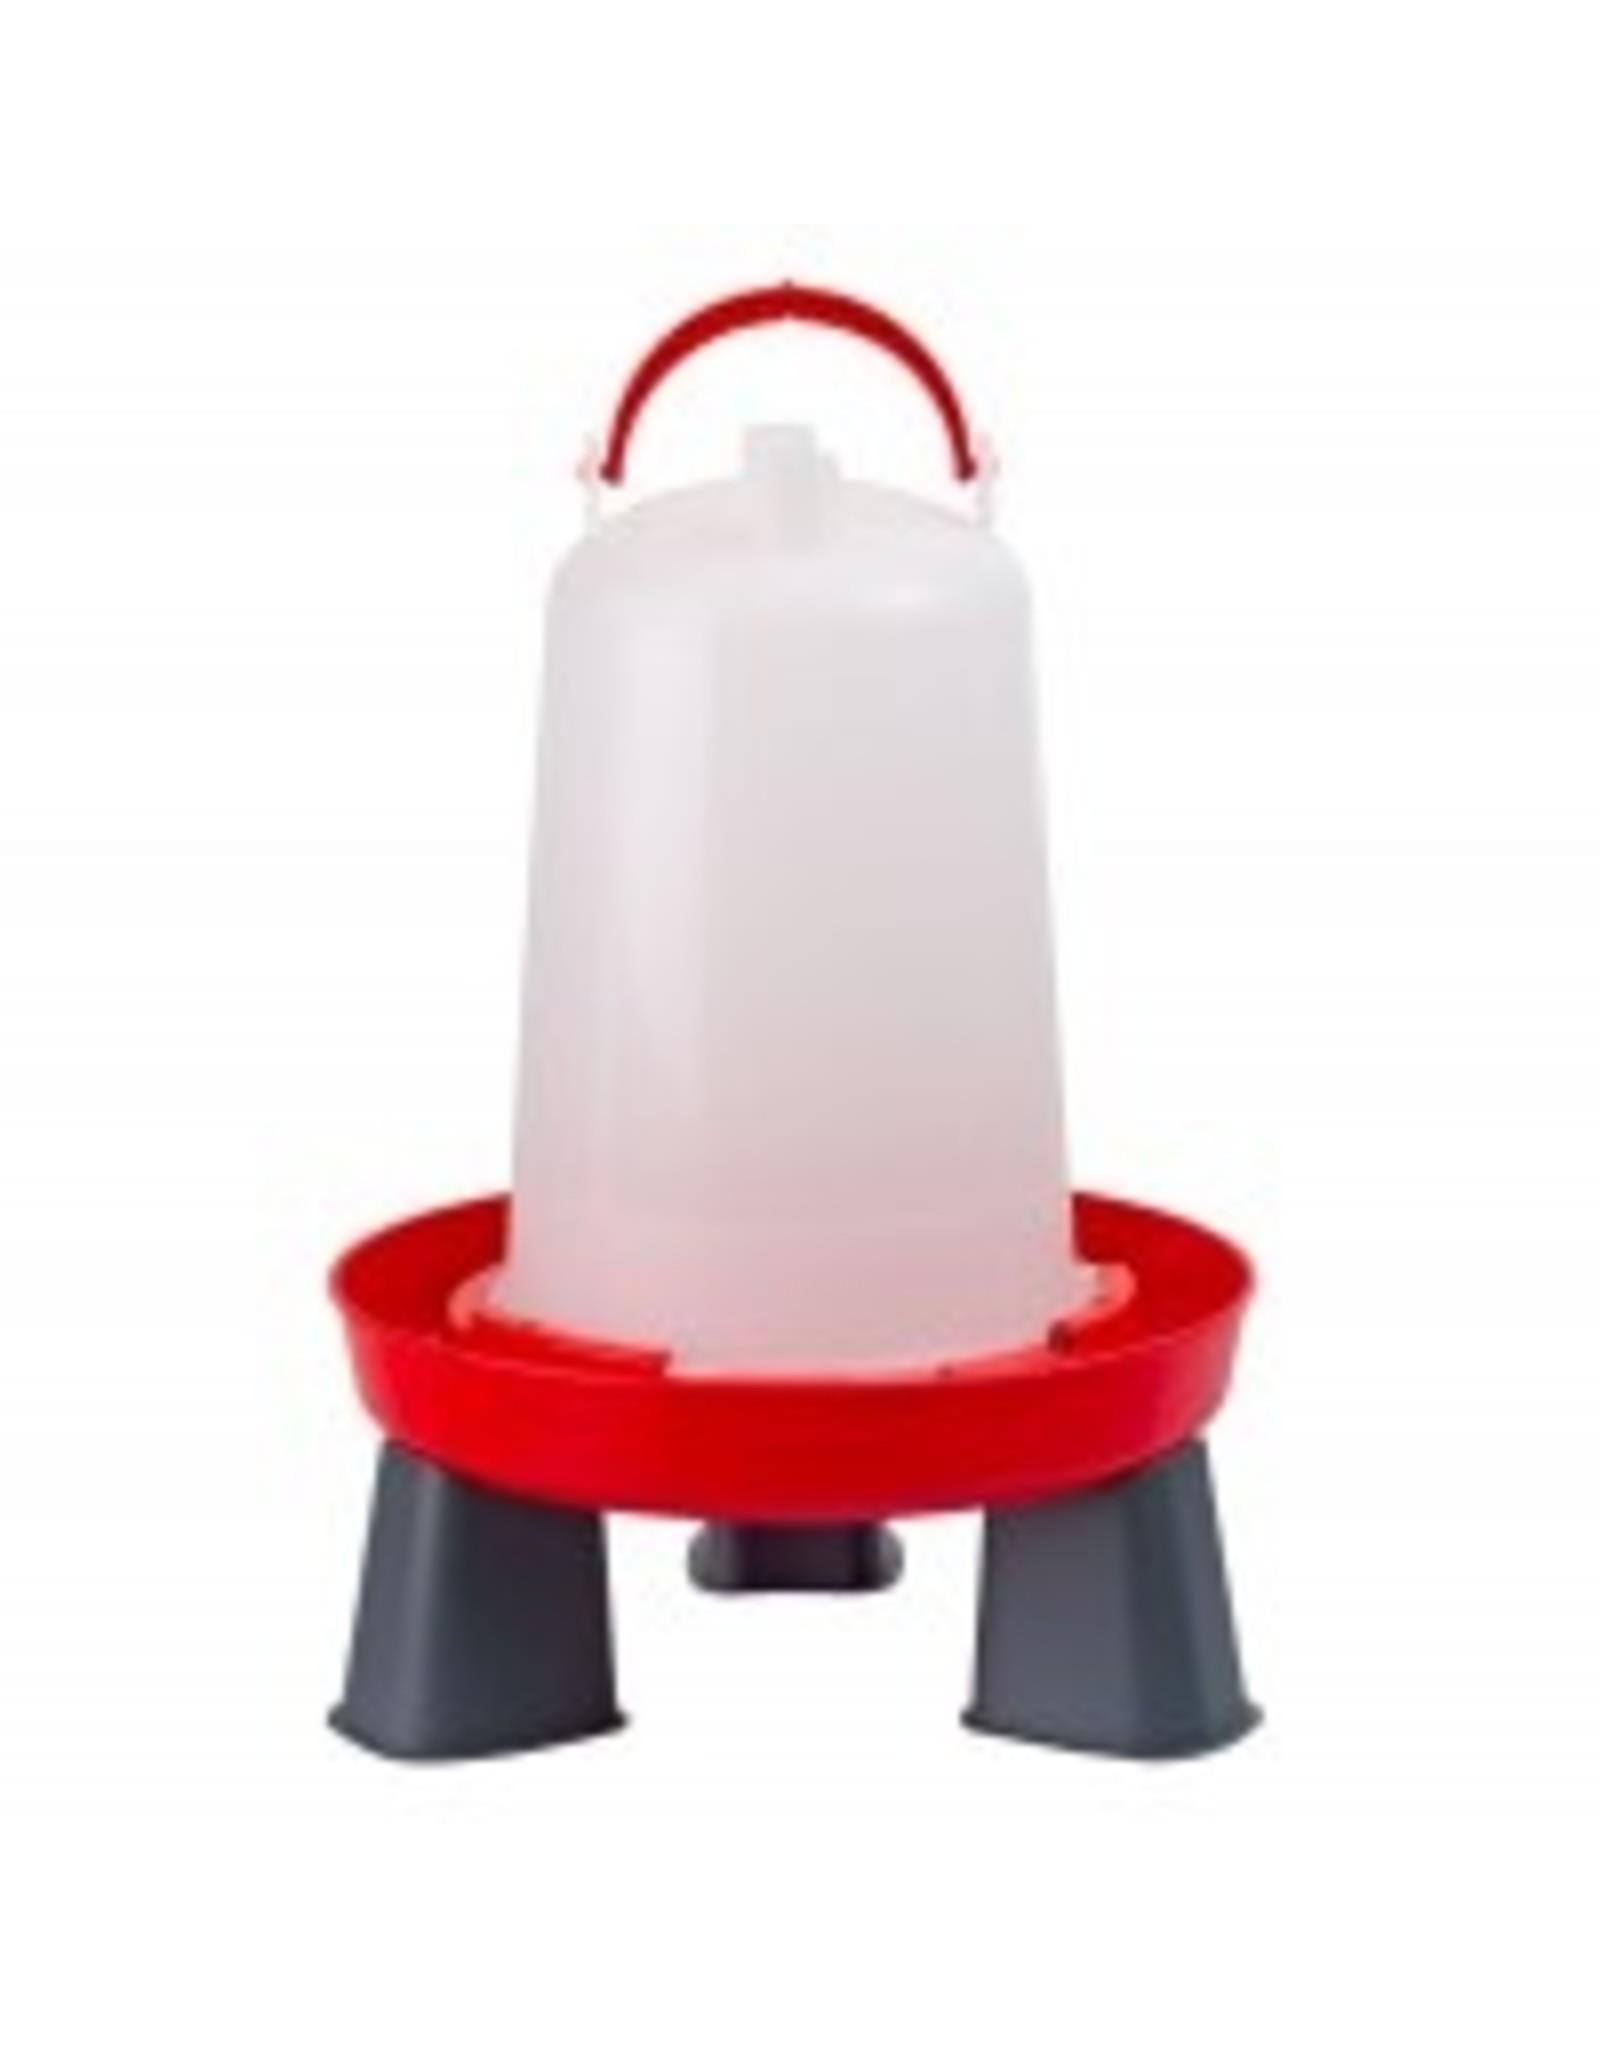 Drink/ Voerbakken Drinktoren rood  3 lit m poot - 3 Liter